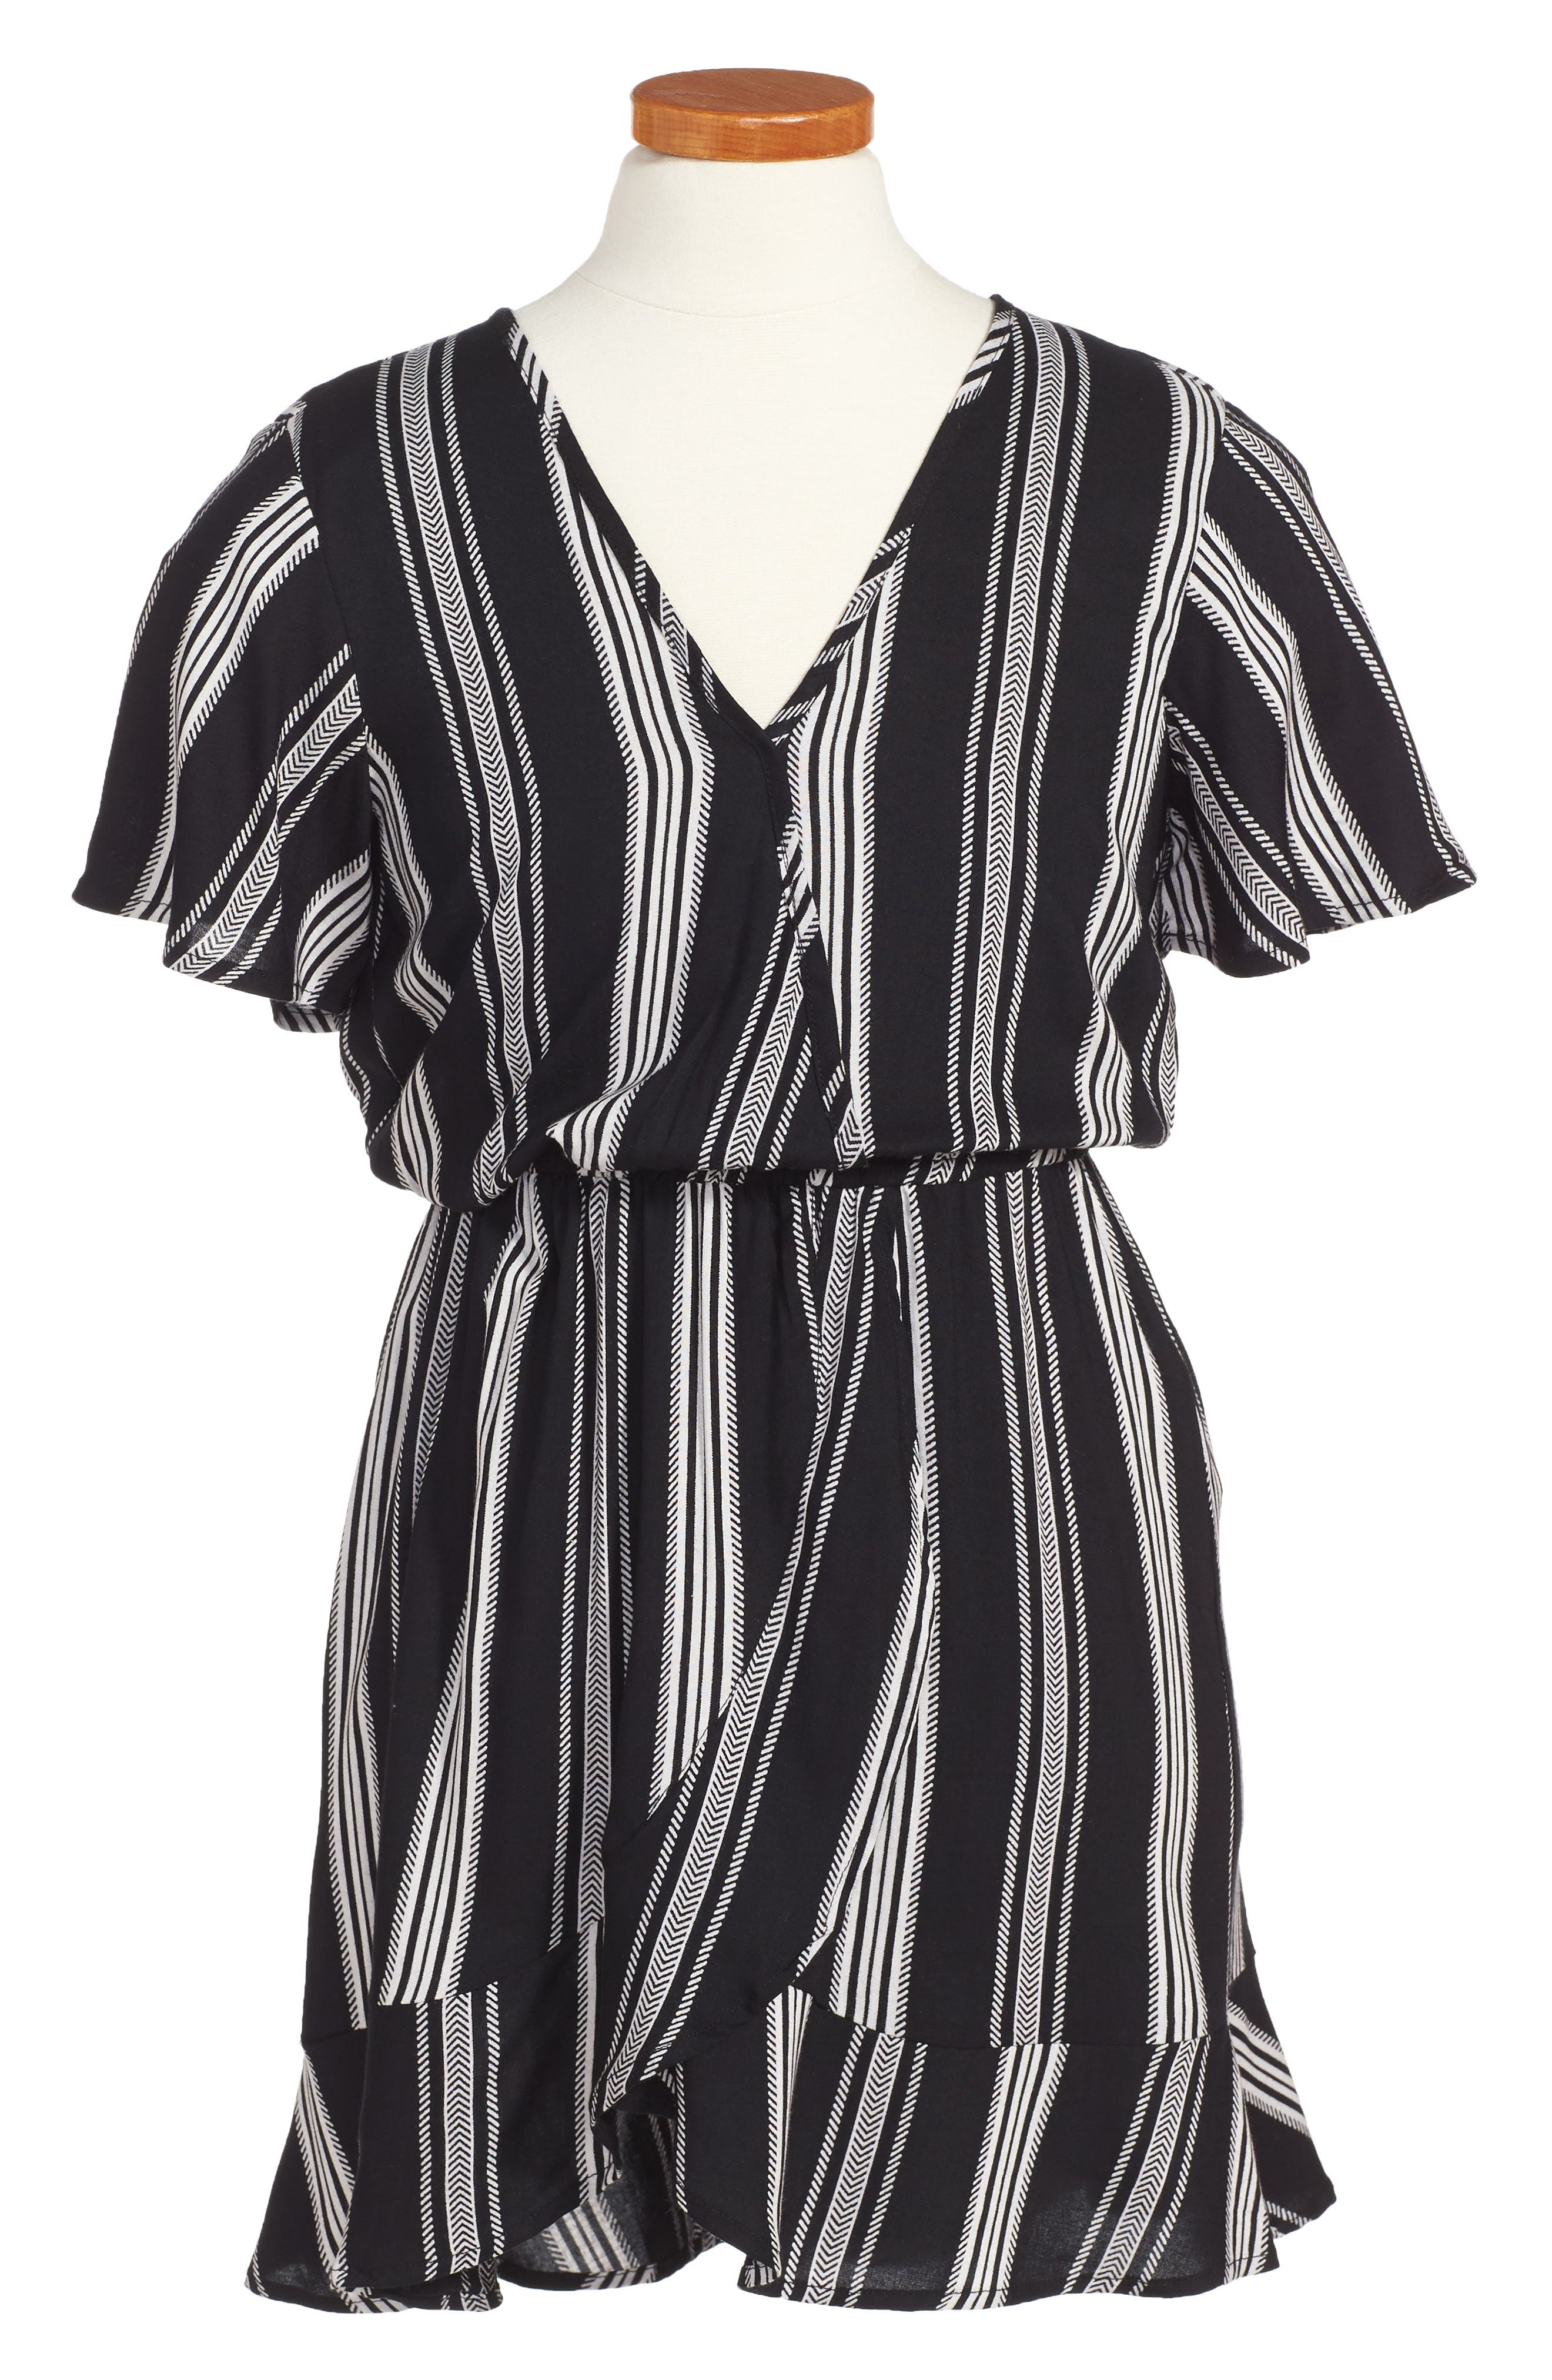 Alternate Image 1 Selected - Zoe and Rose Stripe Flutter Sleeve Dress (Big Girls)